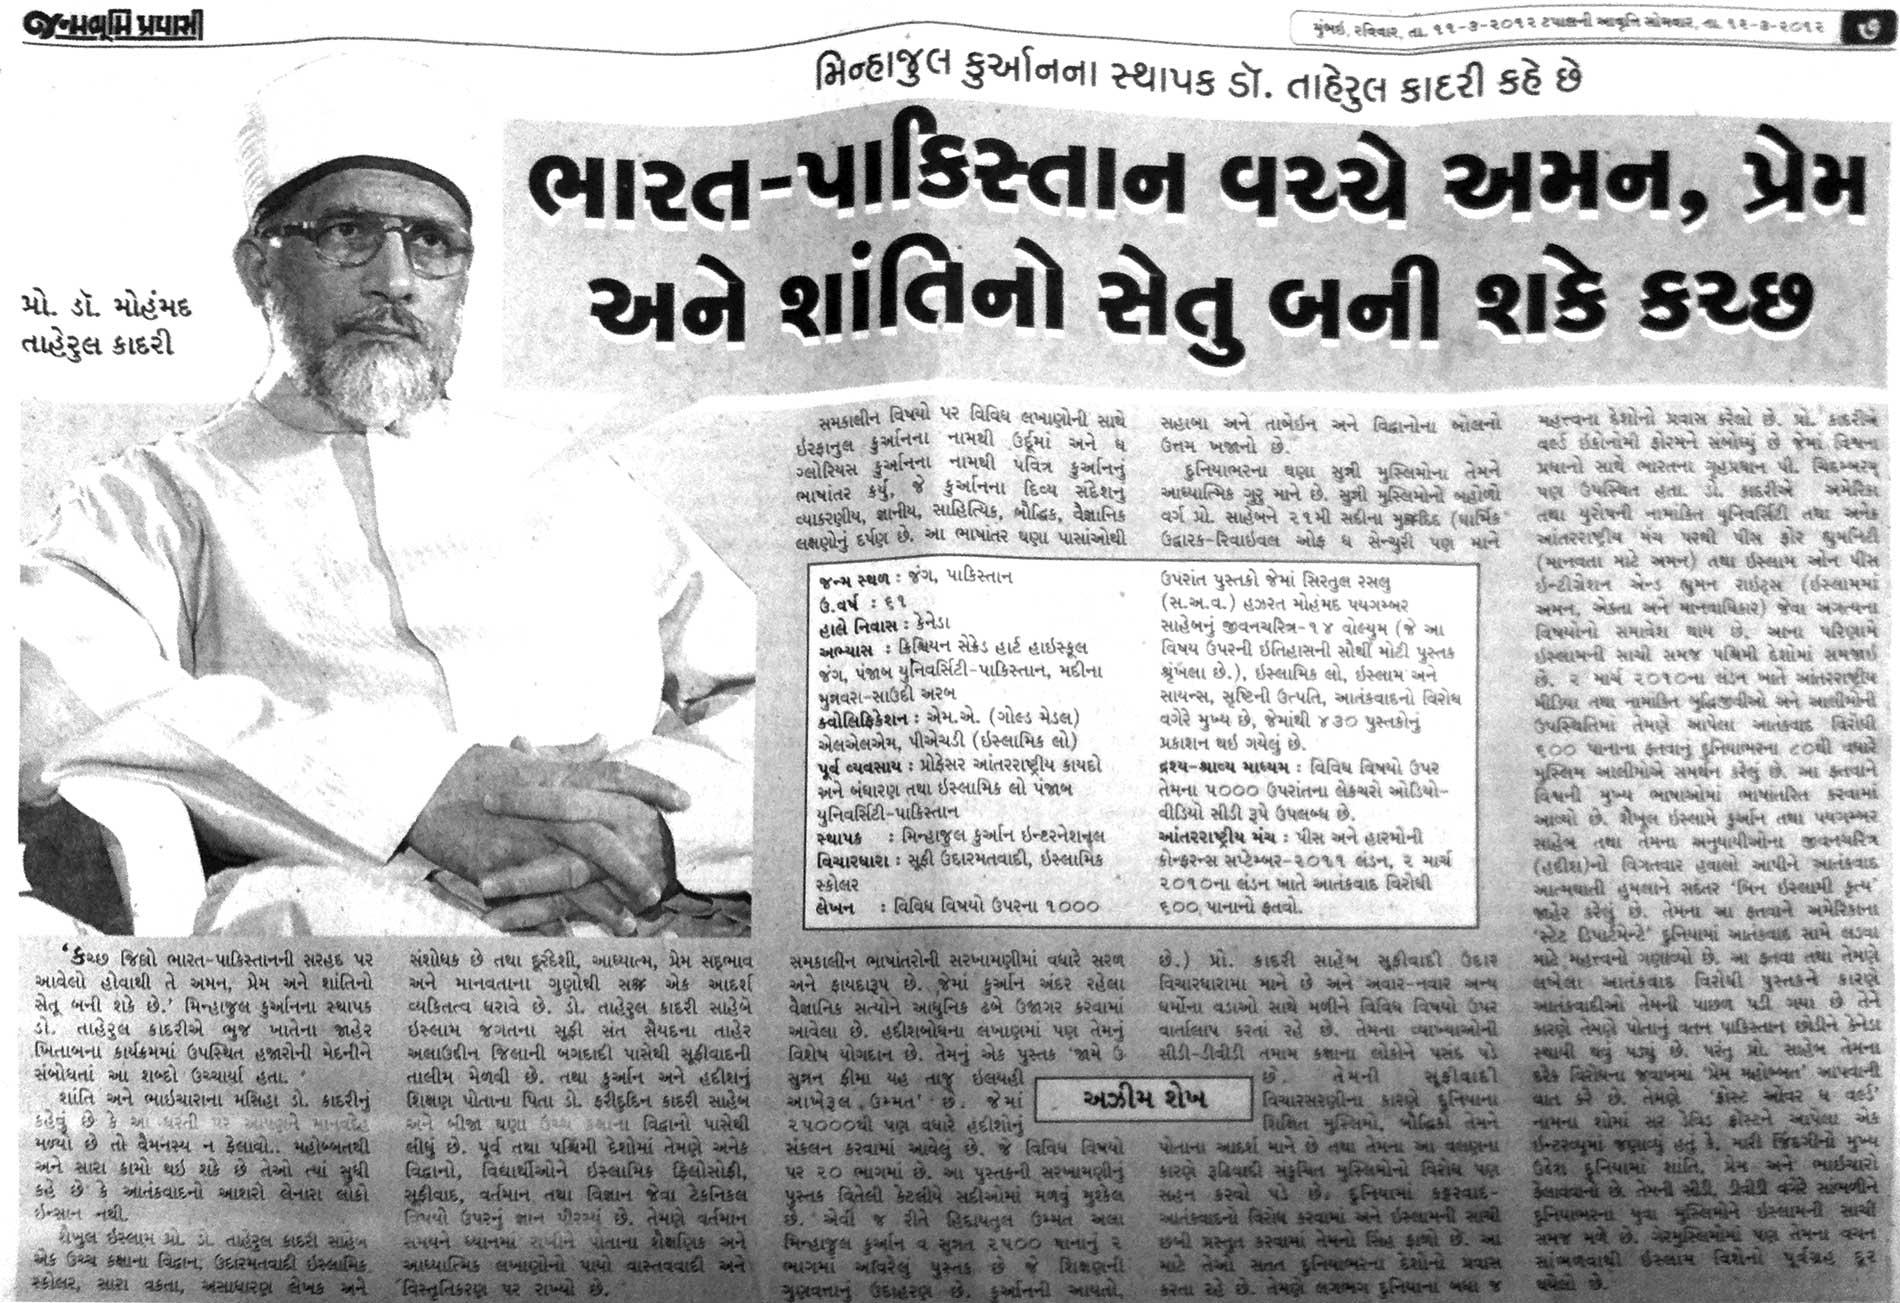 تحریک منہاج القرآن Minhaj-ul-Quran  Print Media Coverage پرنٹ میڈیا کوریج Daily Janmabhoomi India